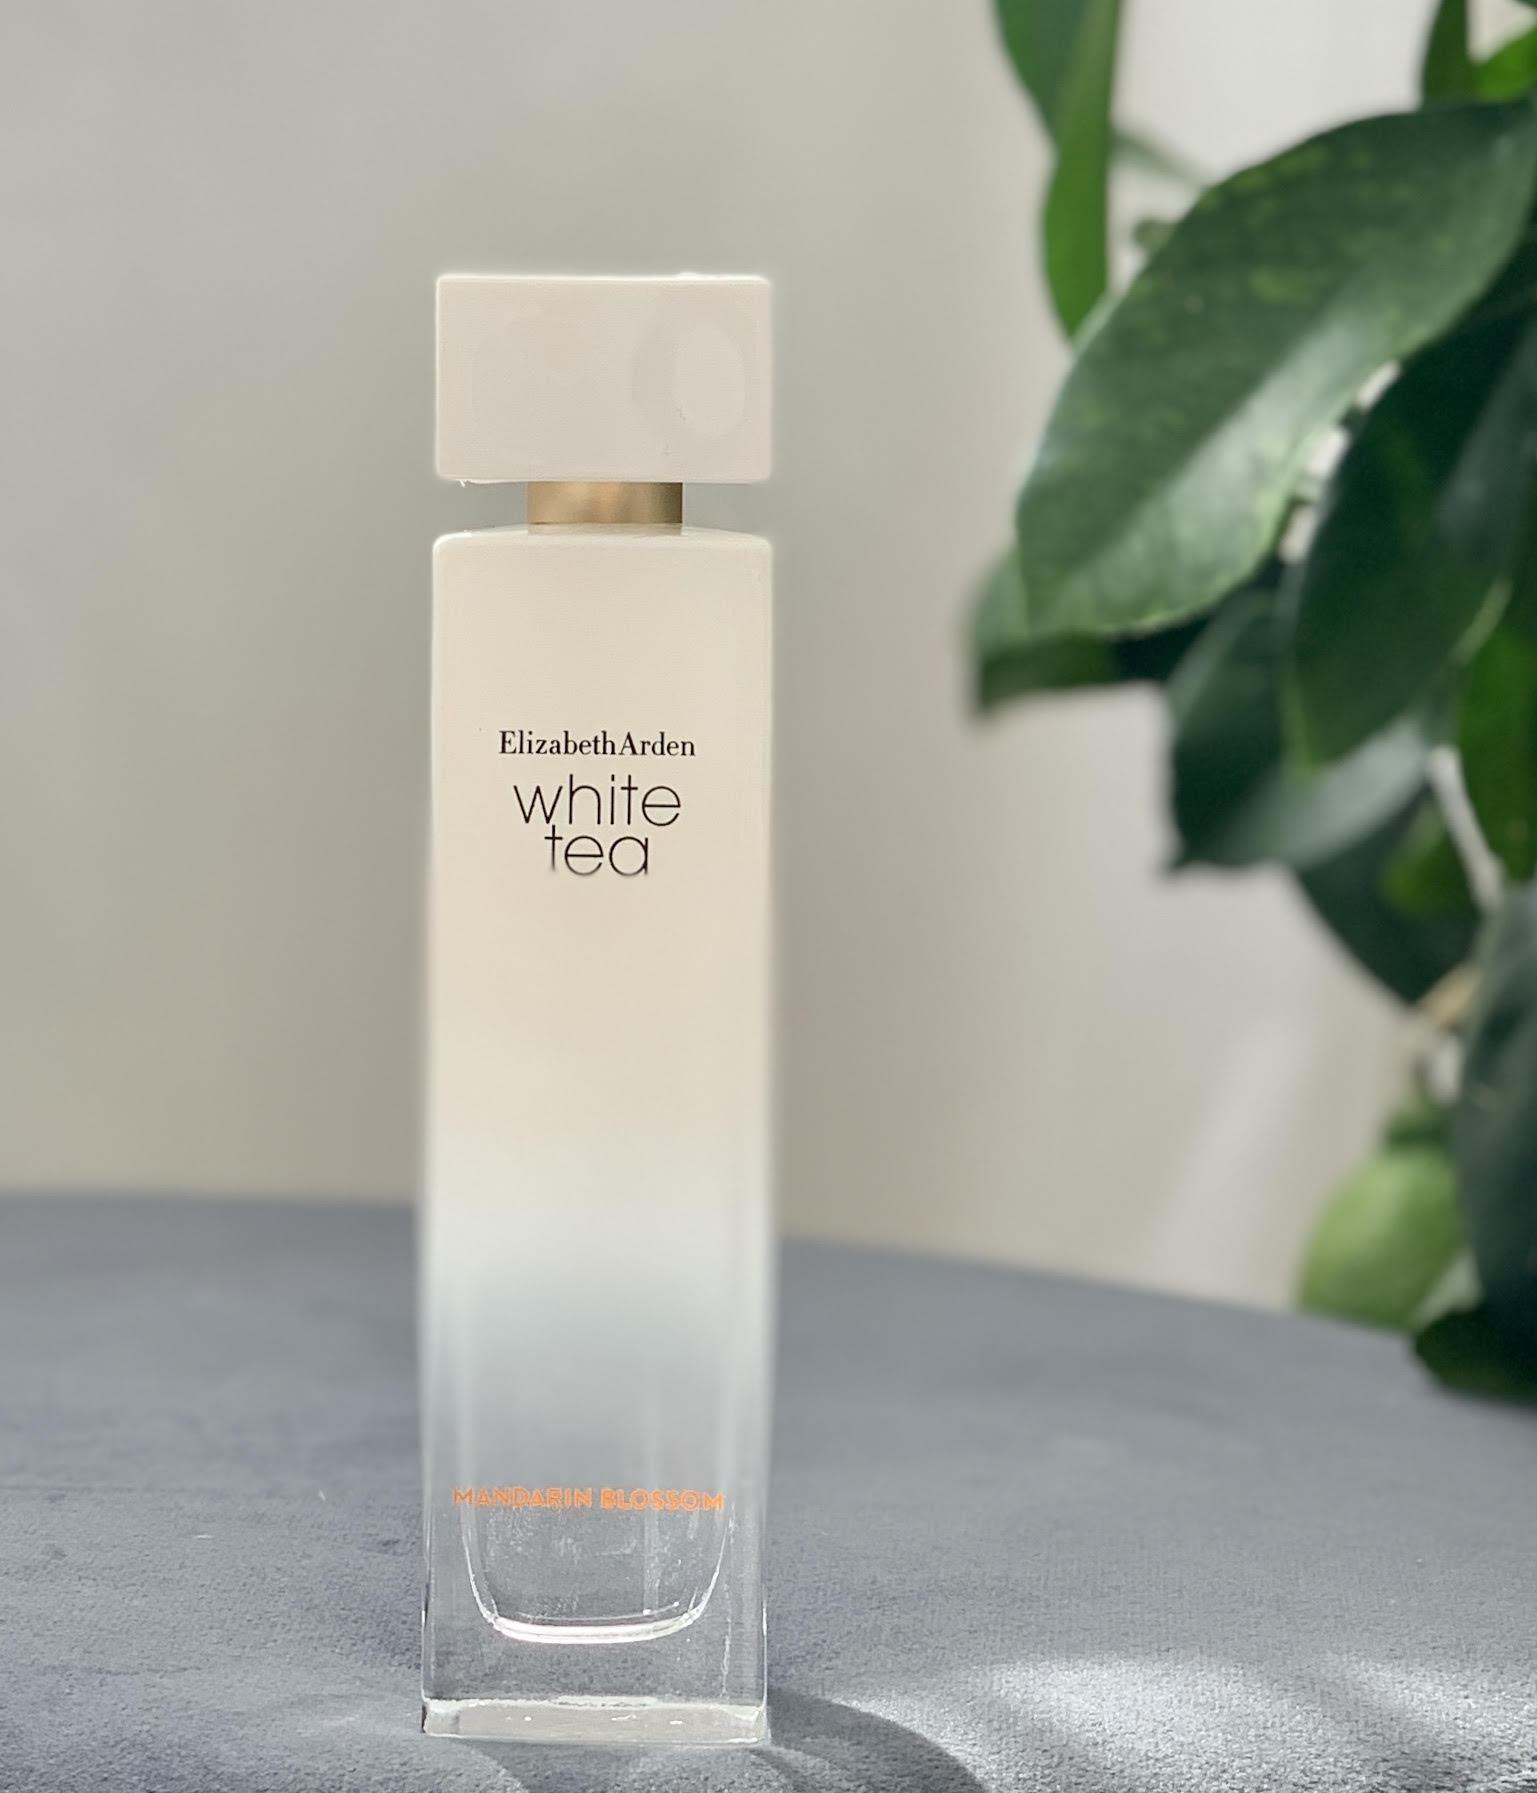 Parfume, sommerparfumer, lette dufte, White Tea Mandarin Blossom, Elizabeth Arden